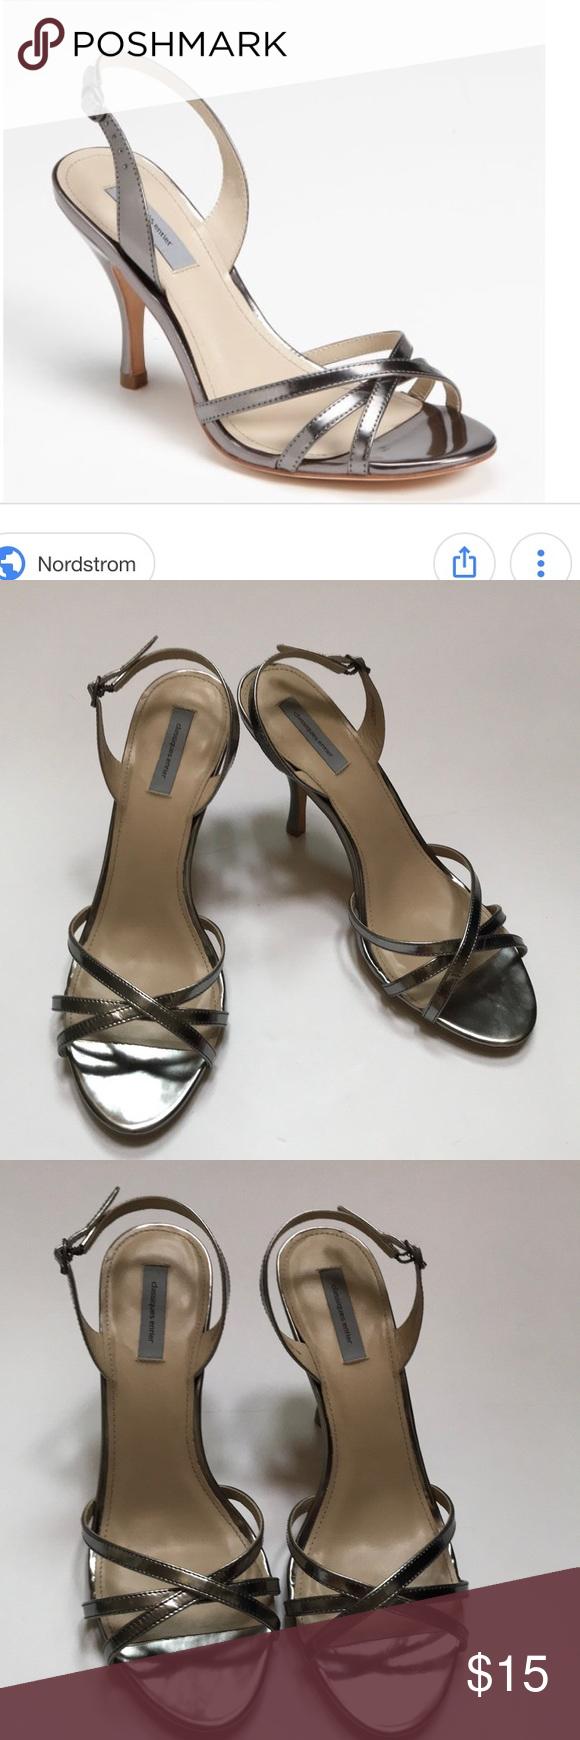 1e73146ace86c7 Classique Entier Dani Silver Heels Classique Entier Dani strappy Sandals  size 10.5. Excellent preloved condition